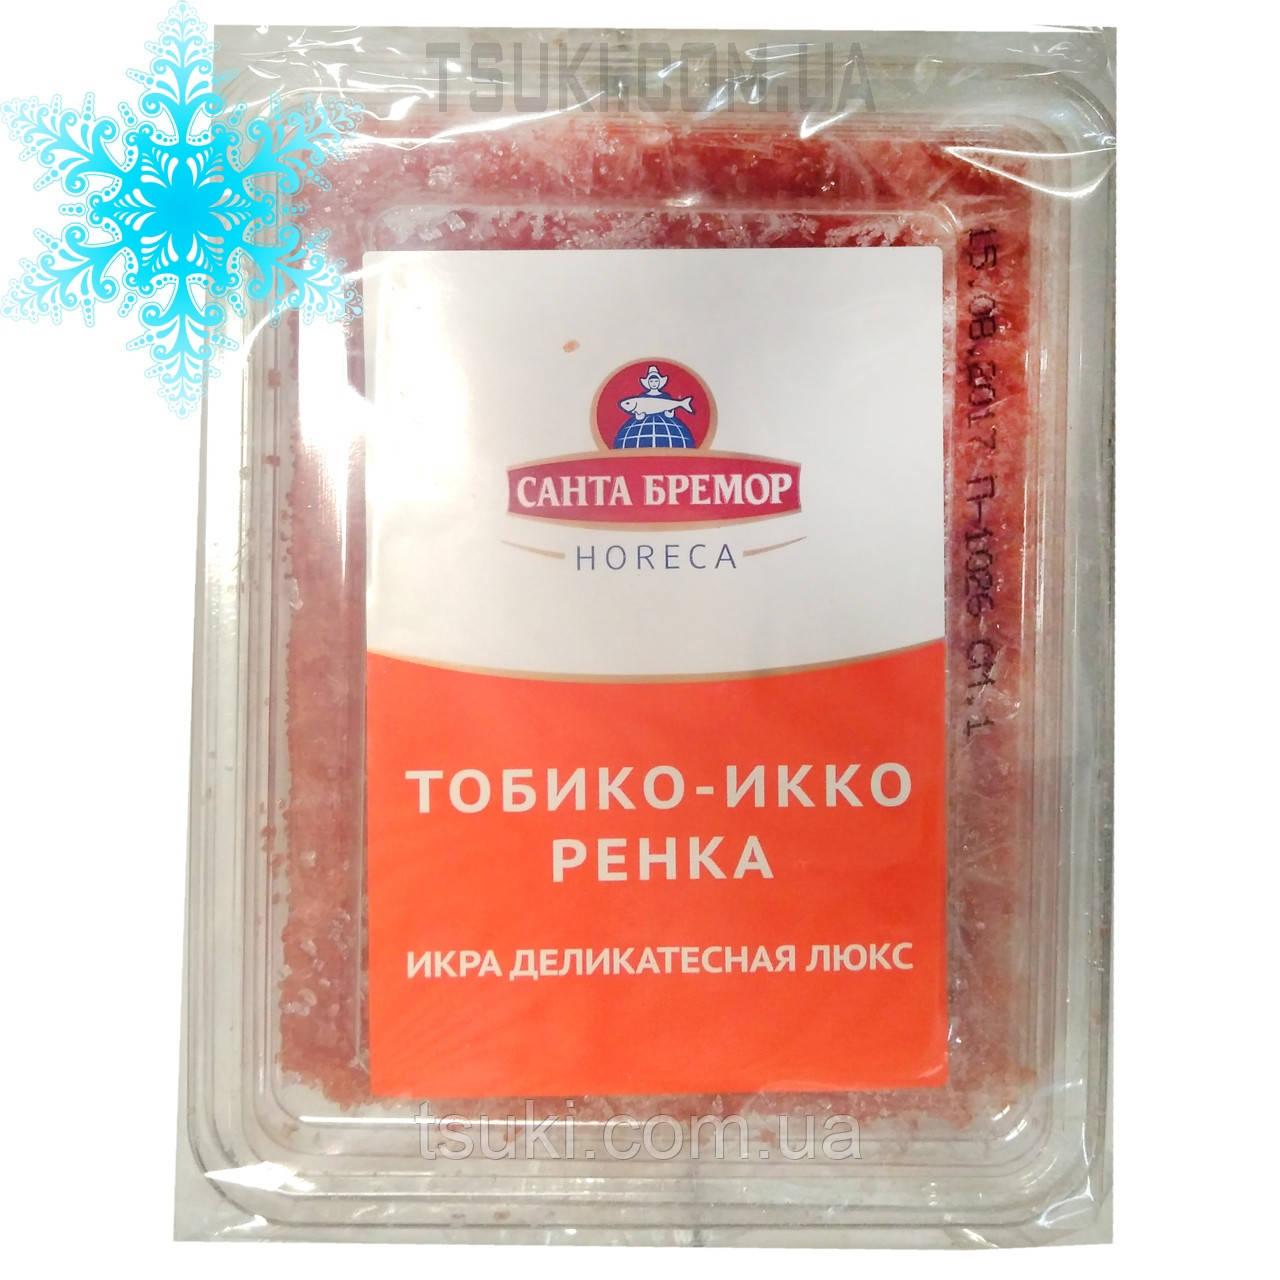 Икра Тобико Икко ренка оранжевая замороженная 0,5кг